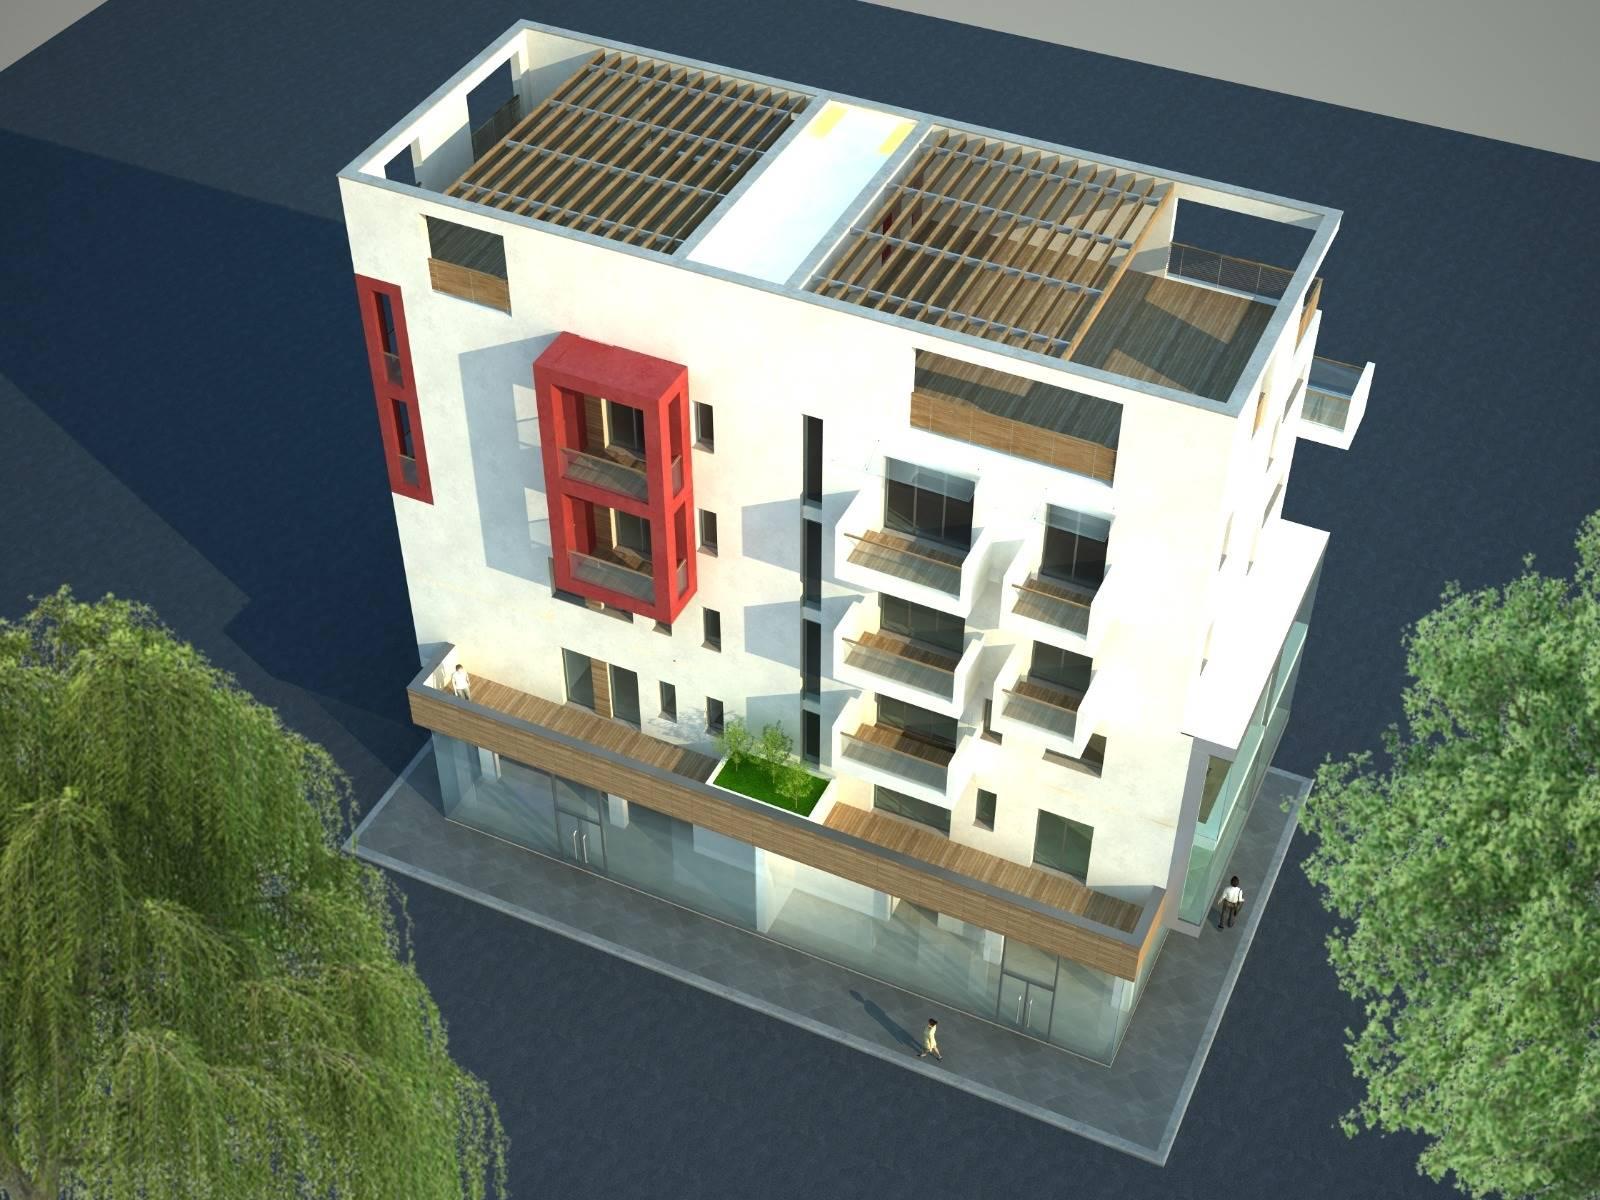 Appartamento in vendita a Salerno, 5 locali, zona Località: SAN LEONARDO / ARECHI / MIGLIARO, prezzo € 380.000 | PortaleAgenzieImmobiliari.it